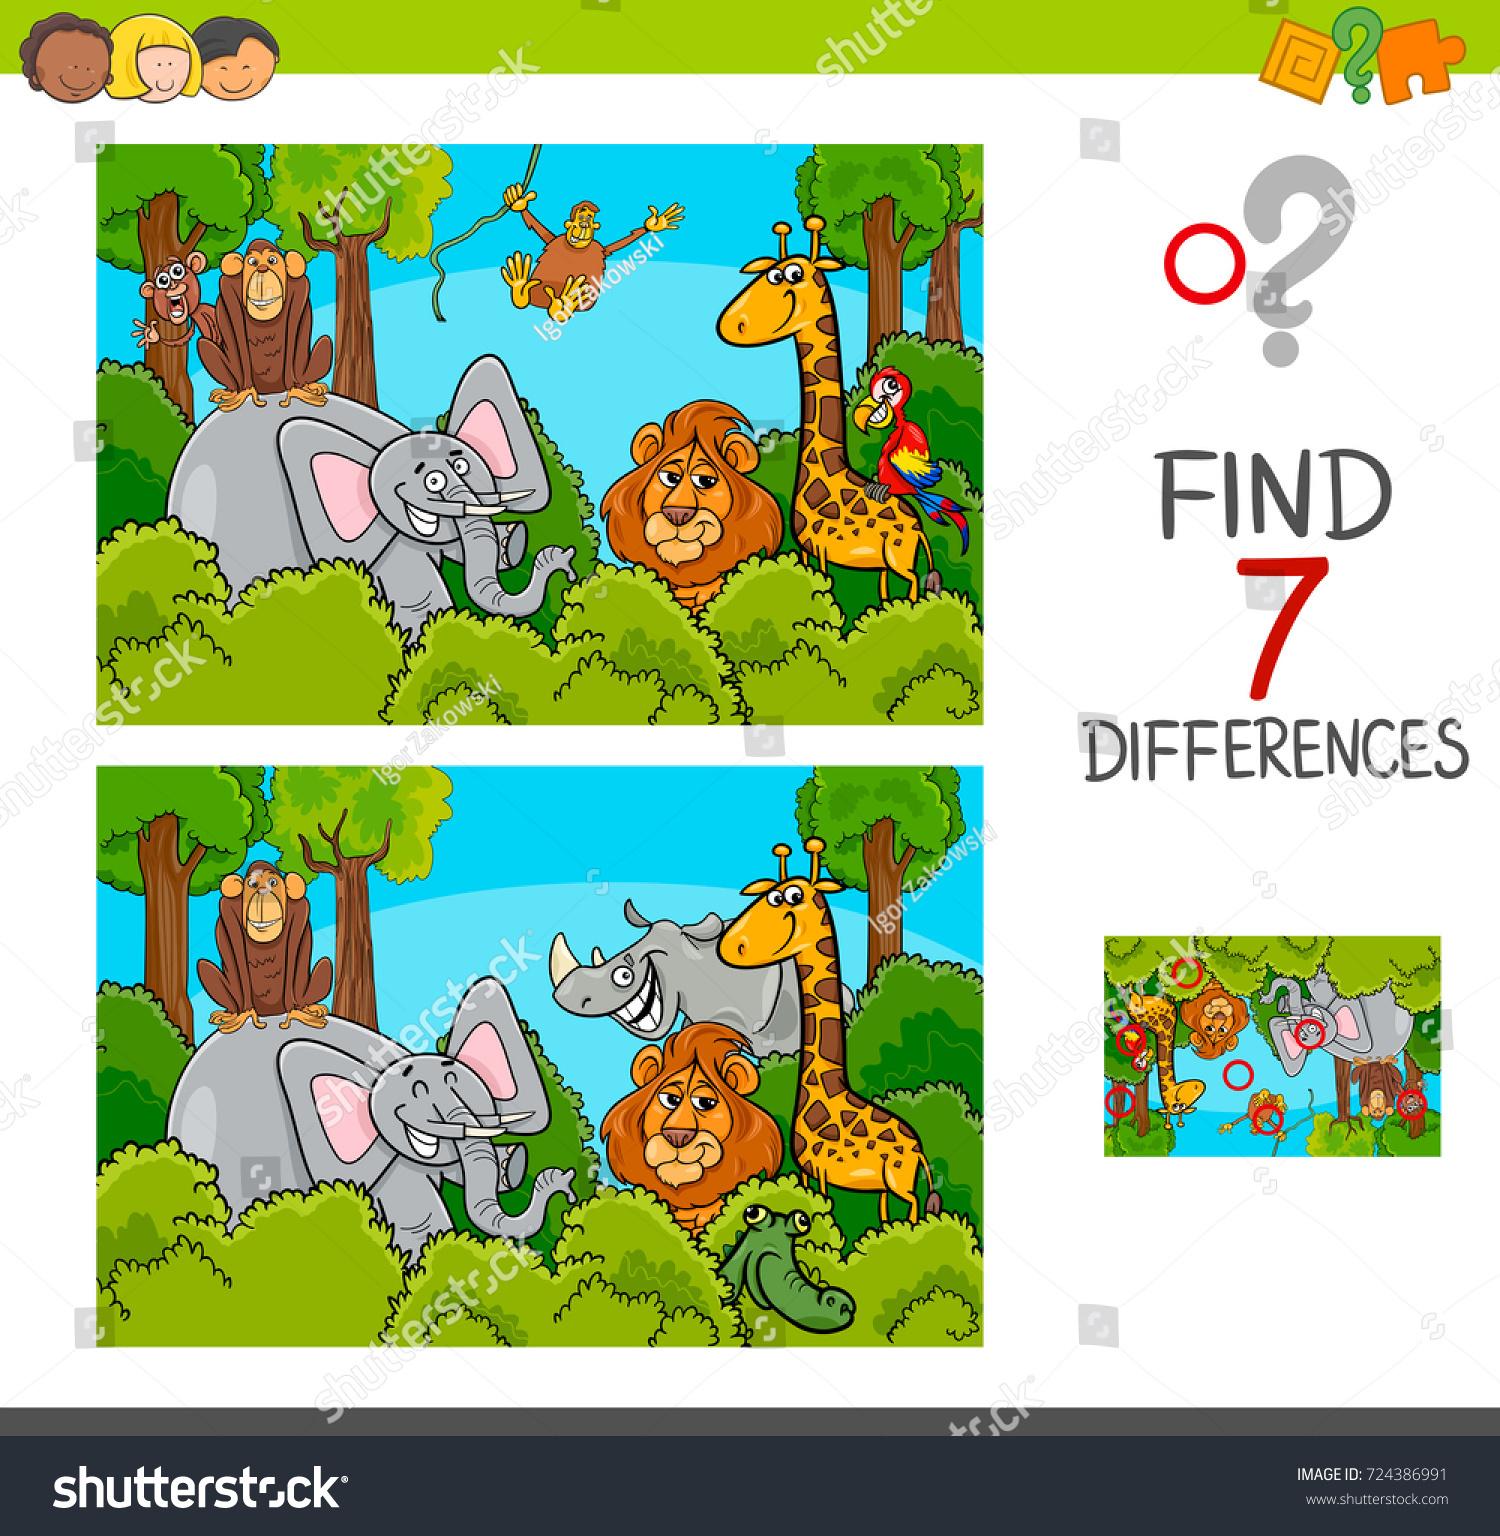 Image Vectorielle De Stock De Illustration Vectorielle De pour Trouver Les Difference